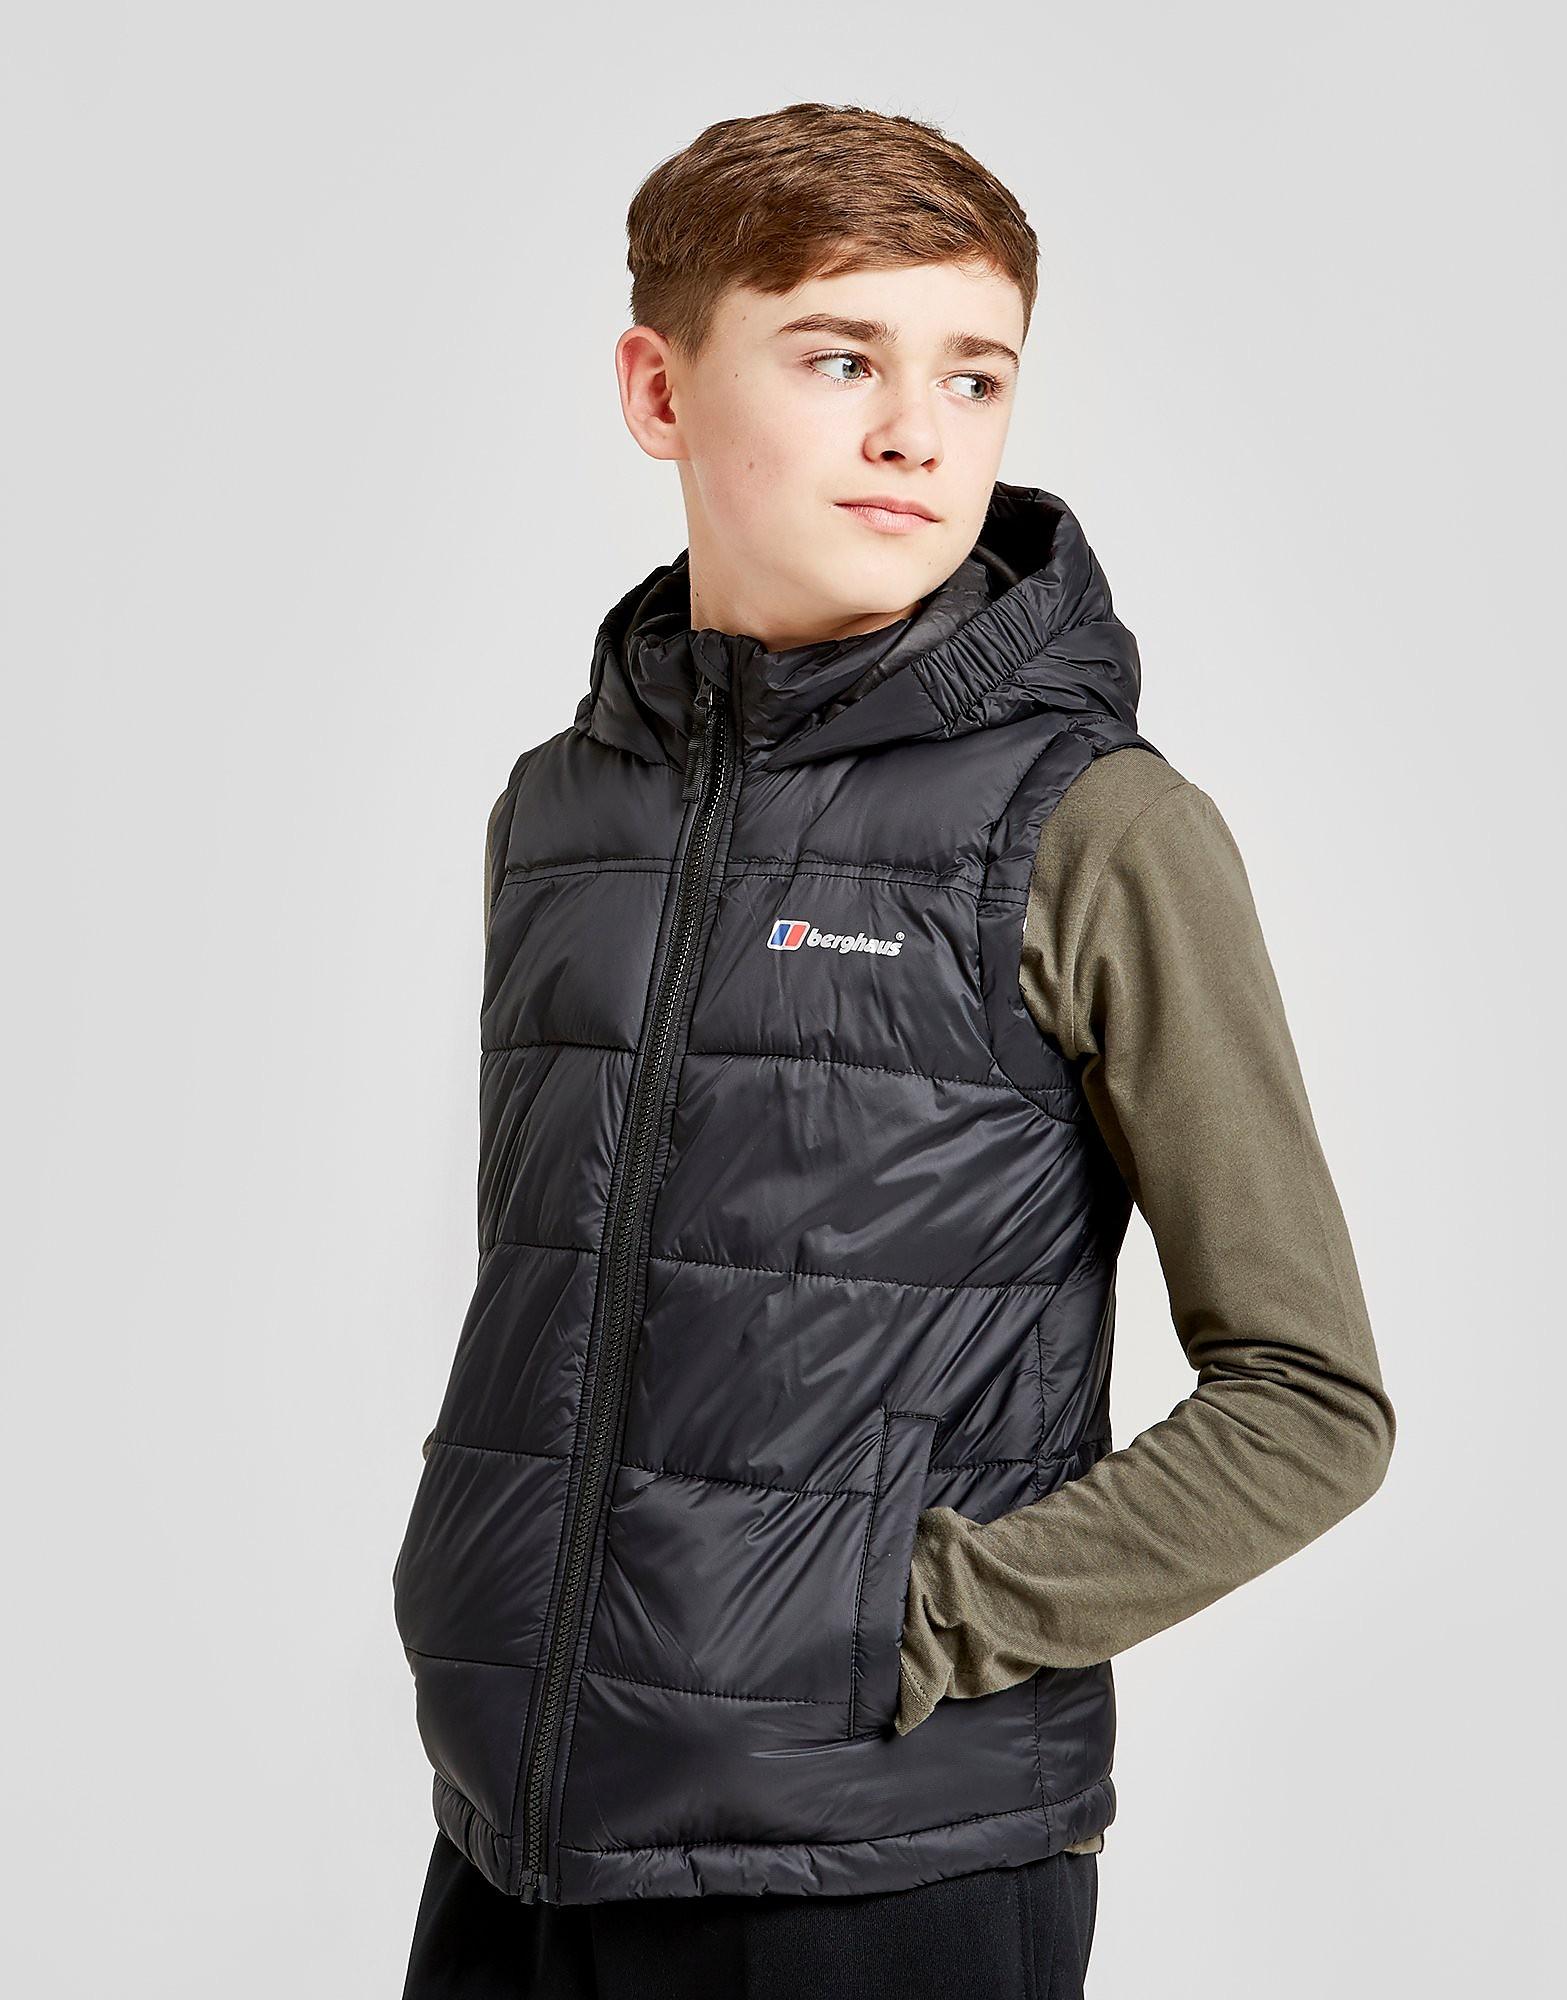 82ae7538e846 Berghaus Burham Gilet Junior Zwart Kind - Shop via Sportwinkel ...